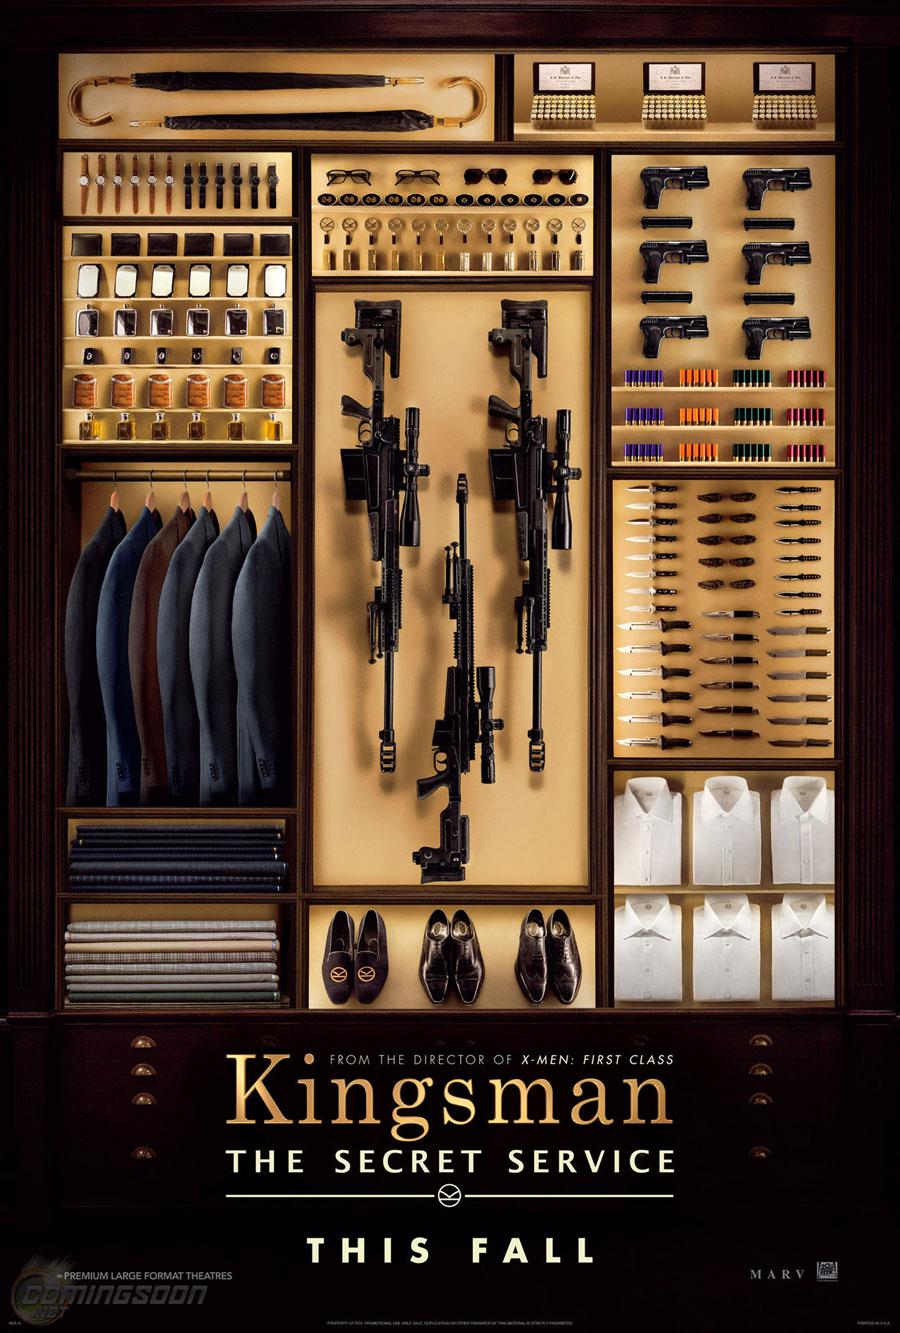 Poster for Kingsman: The Secret Service